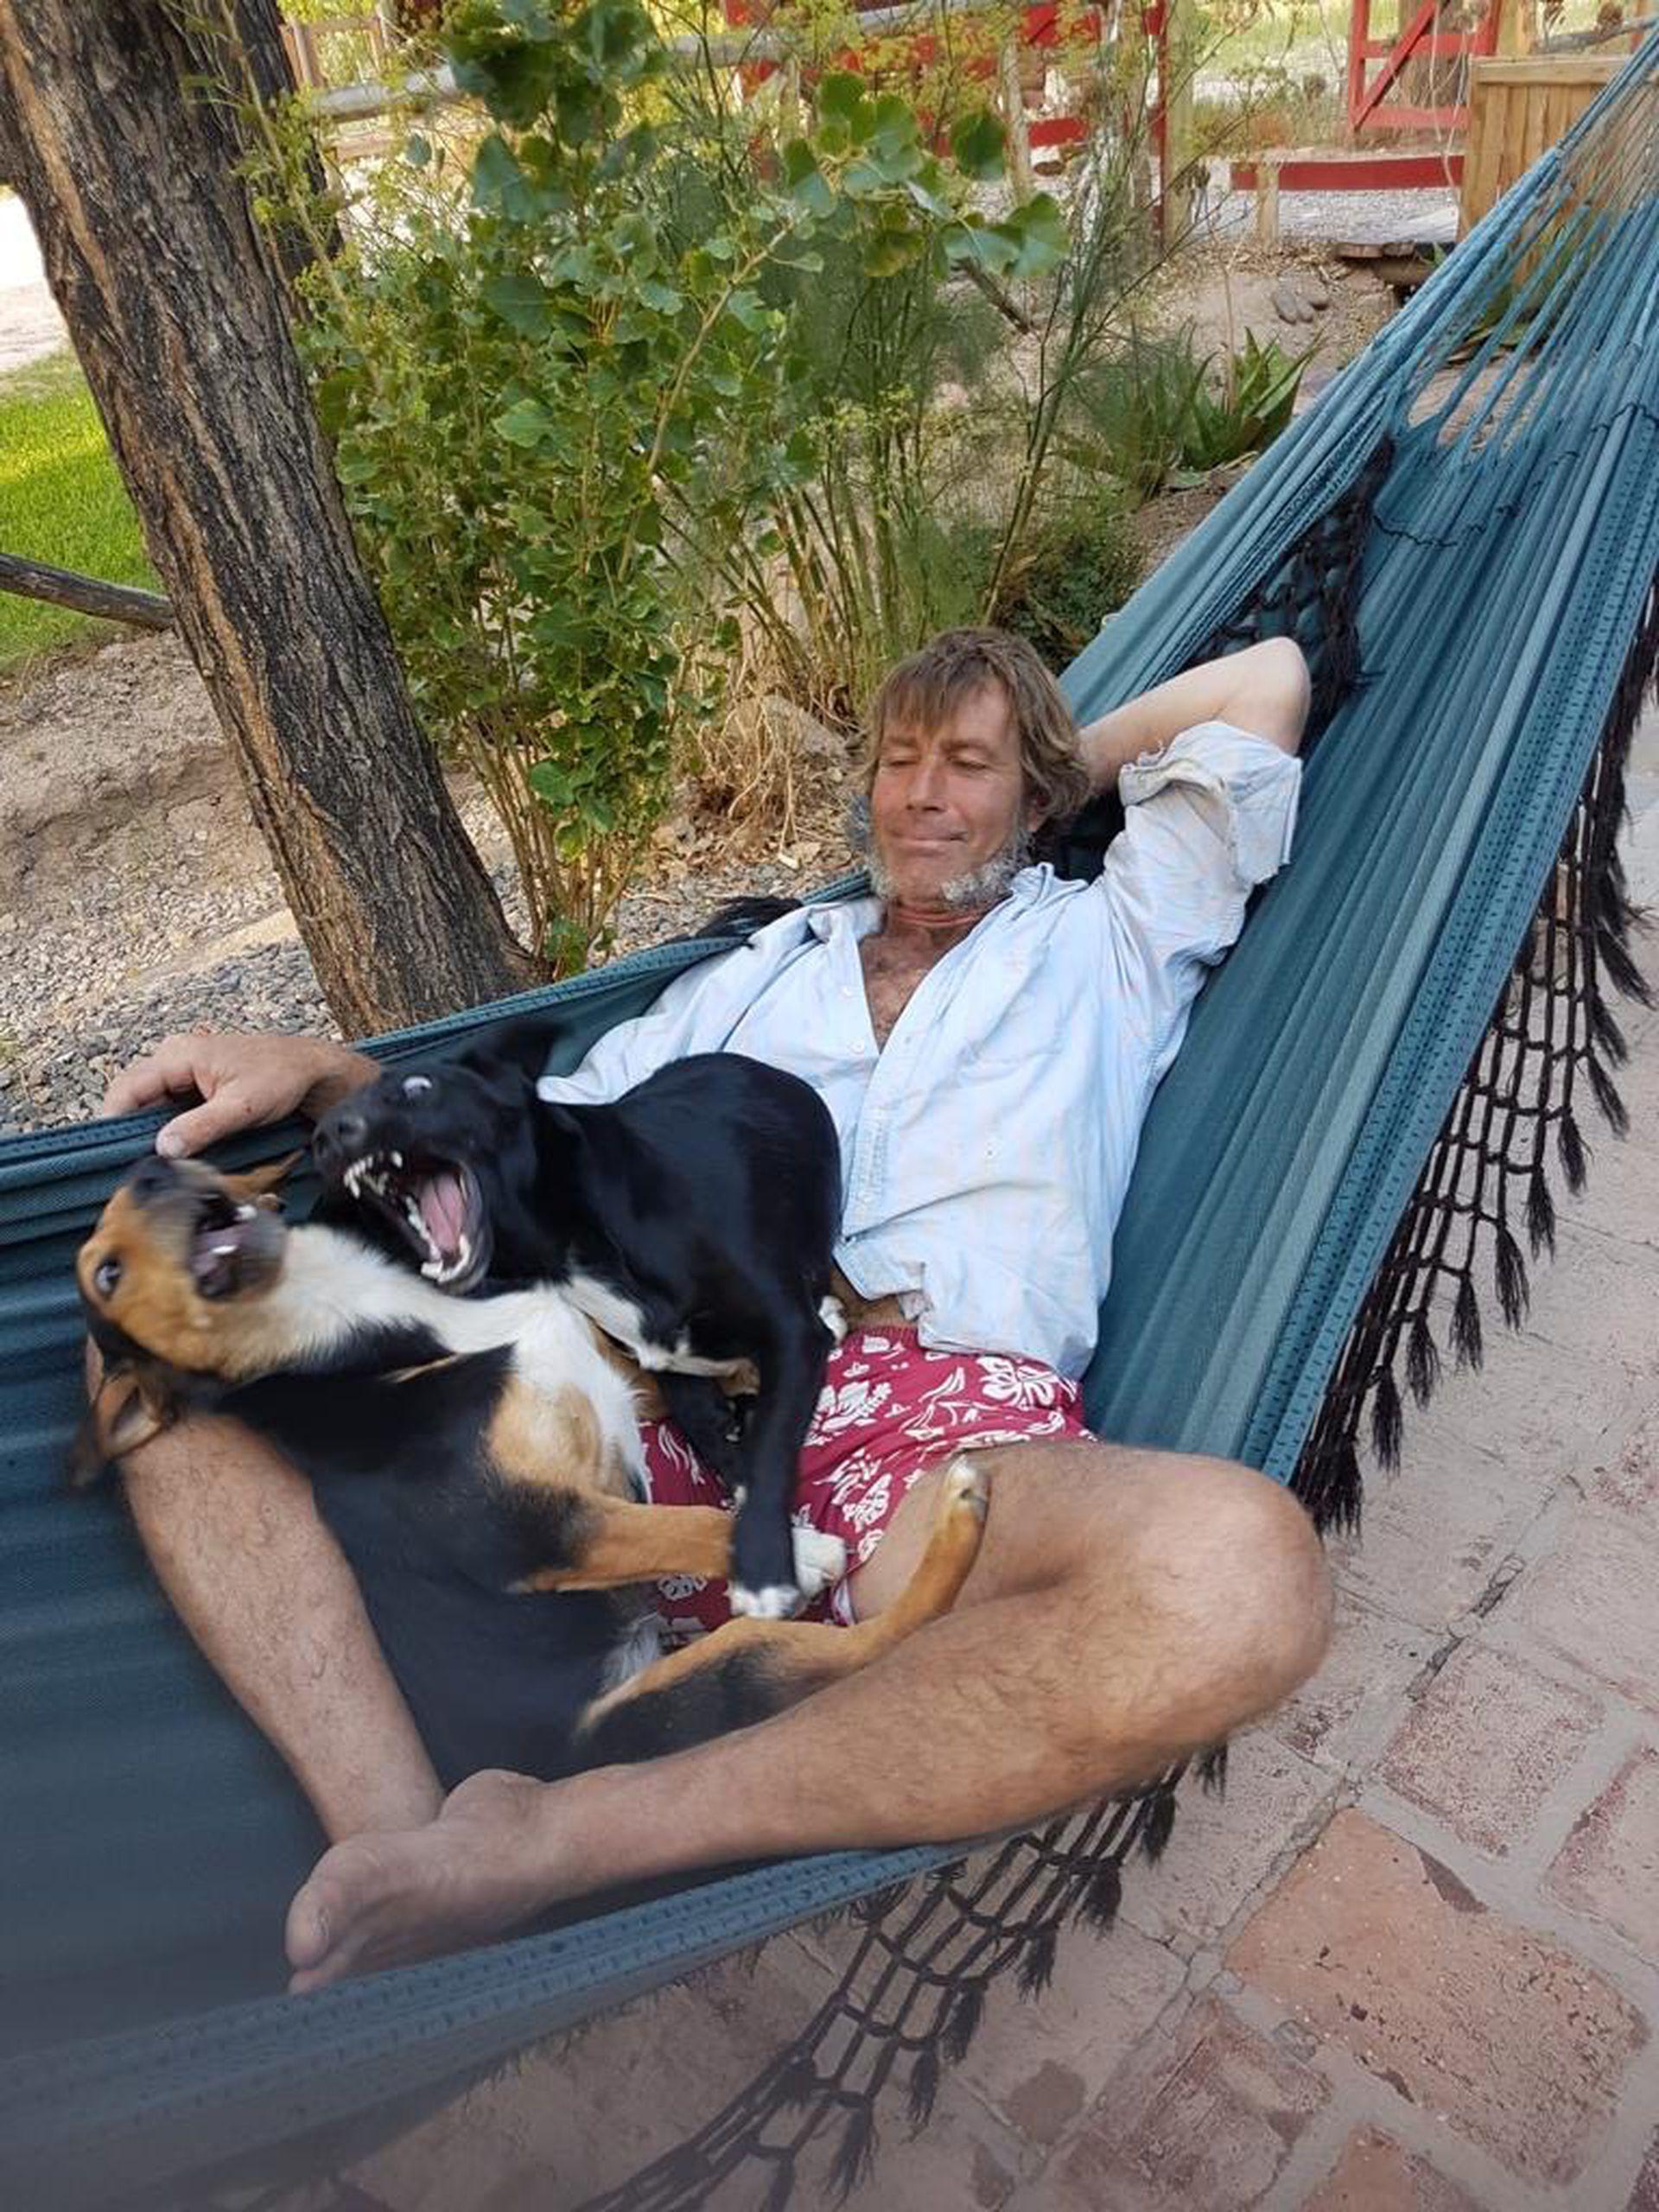 Patrick encontró en Rodeo el viento ideal para el windsurf y la vida plácida que anhelaba.